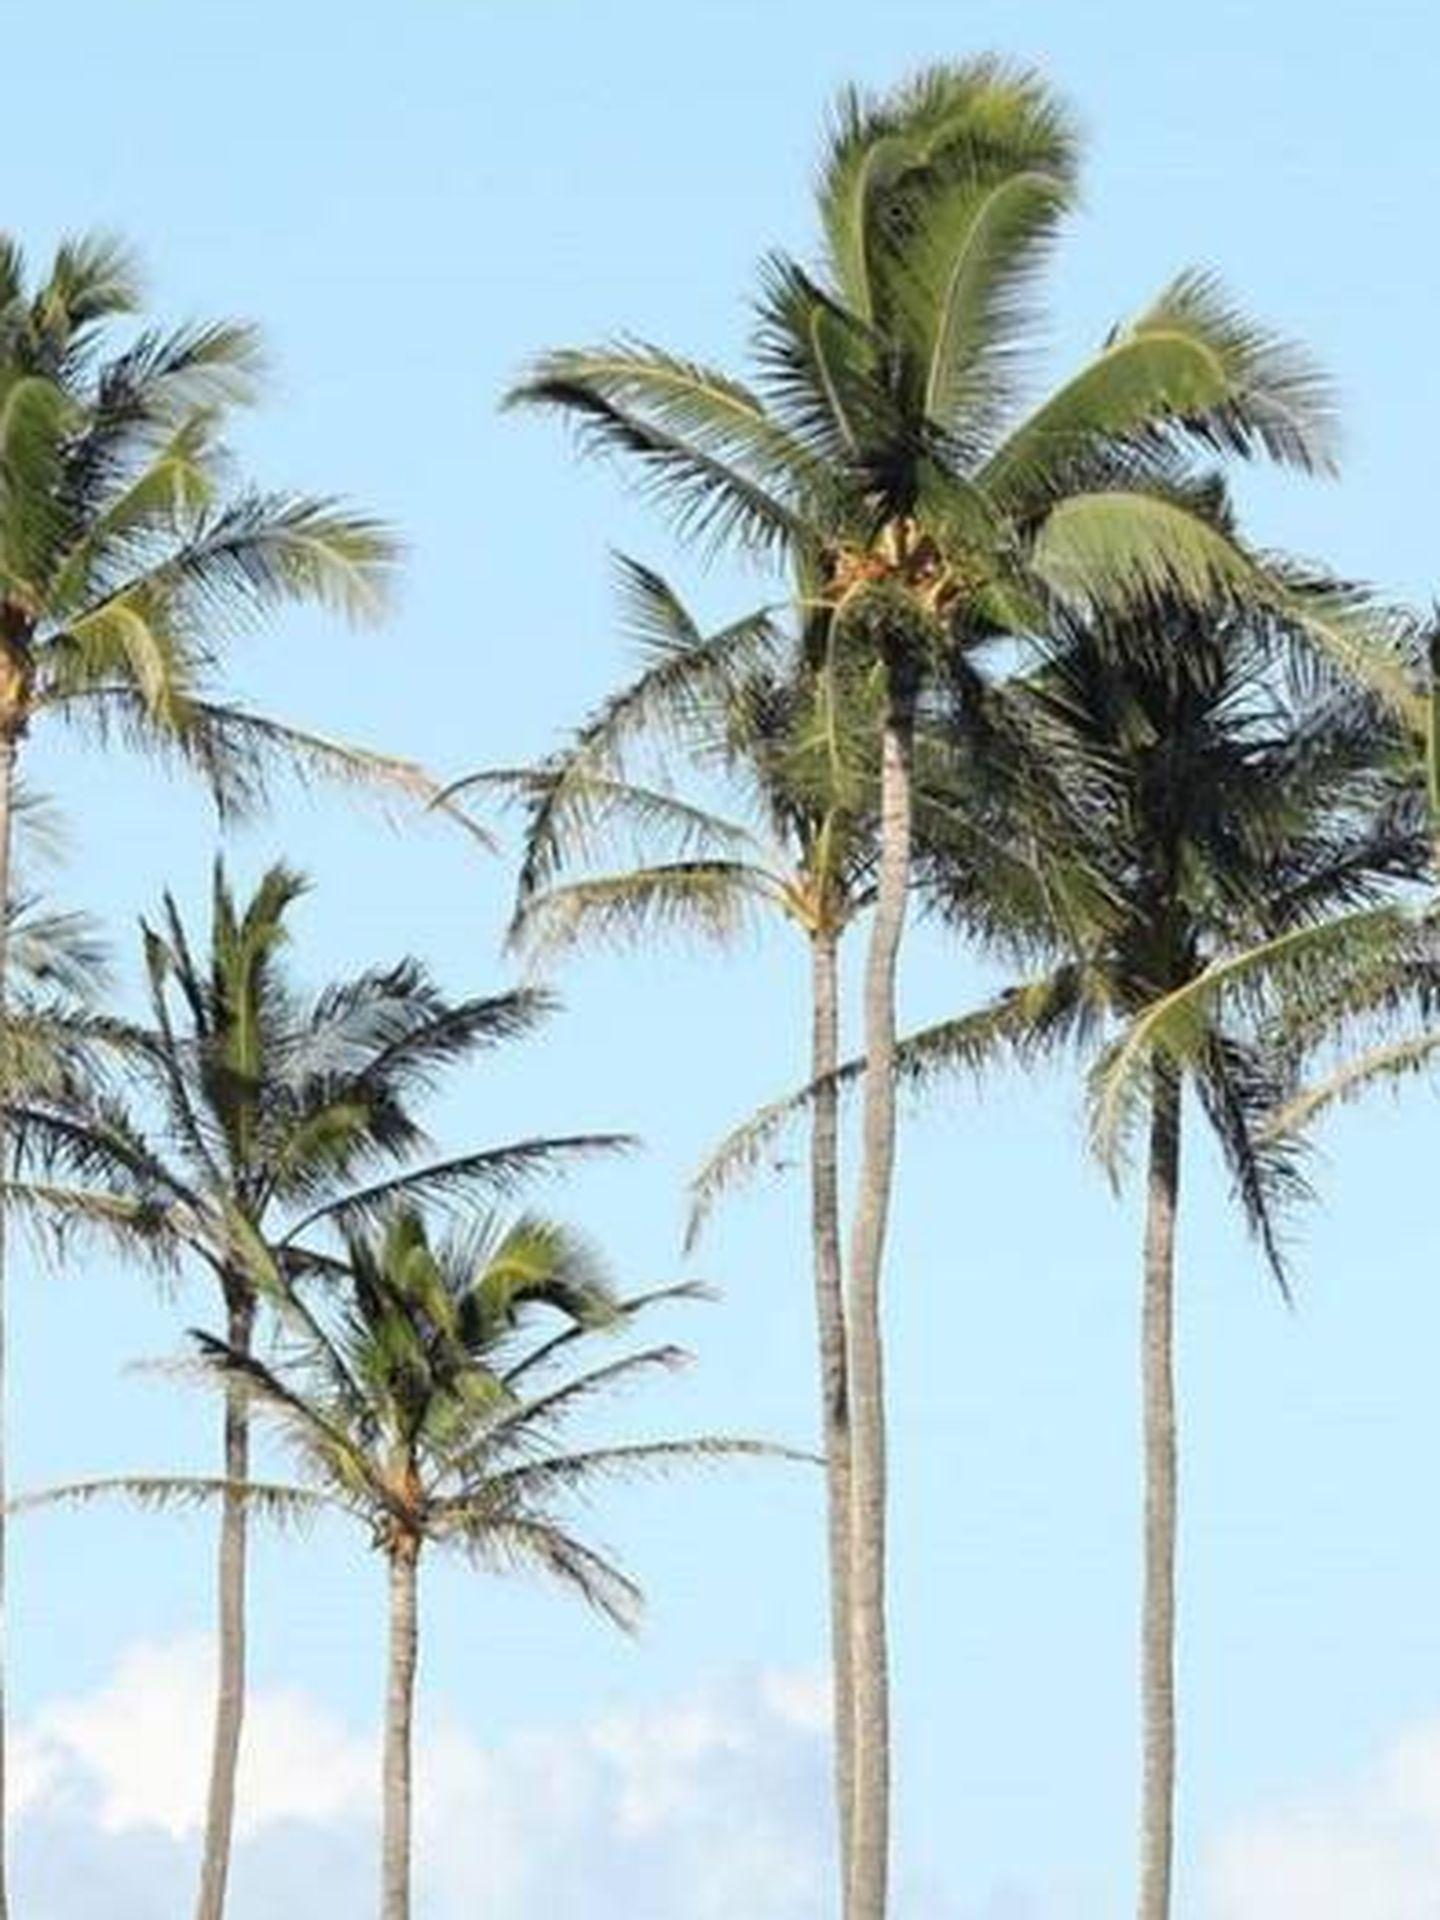 Hawái, playas paradisiacas, palmeras y Ho'Oponopono.